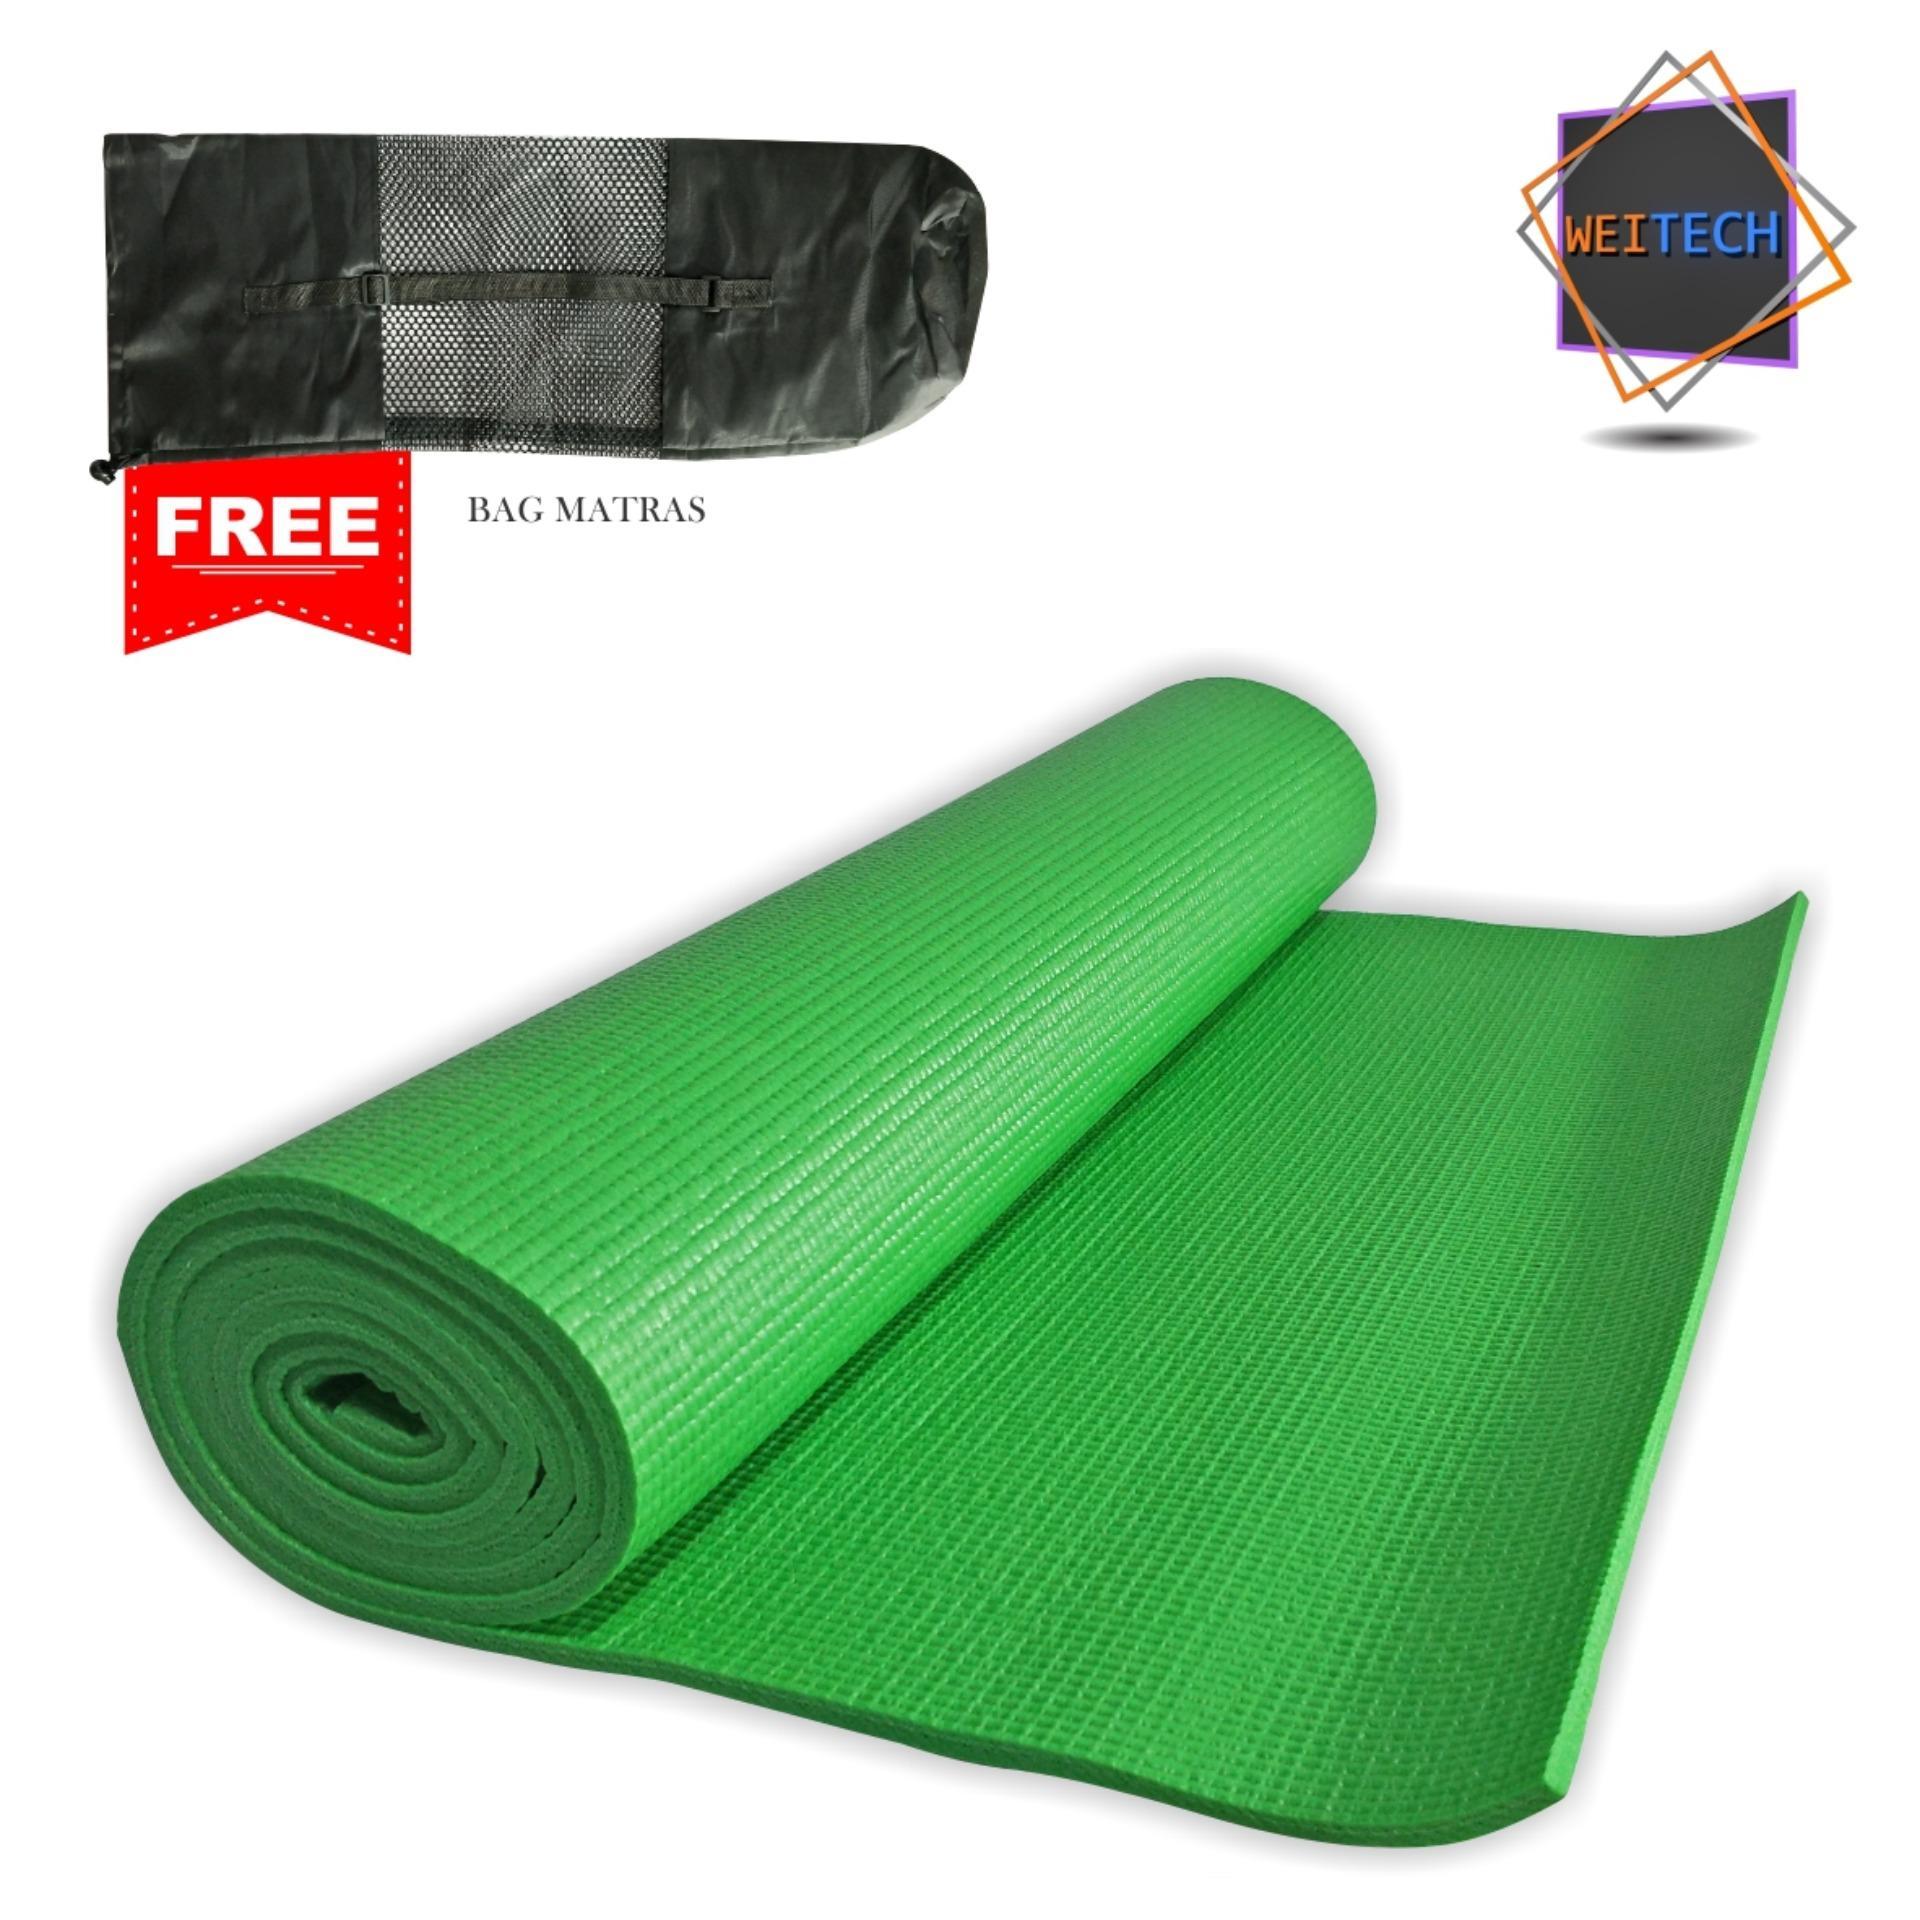 Harga Weitech Matras Yoga 8 Mm Free Tas Jaring 1001 Online